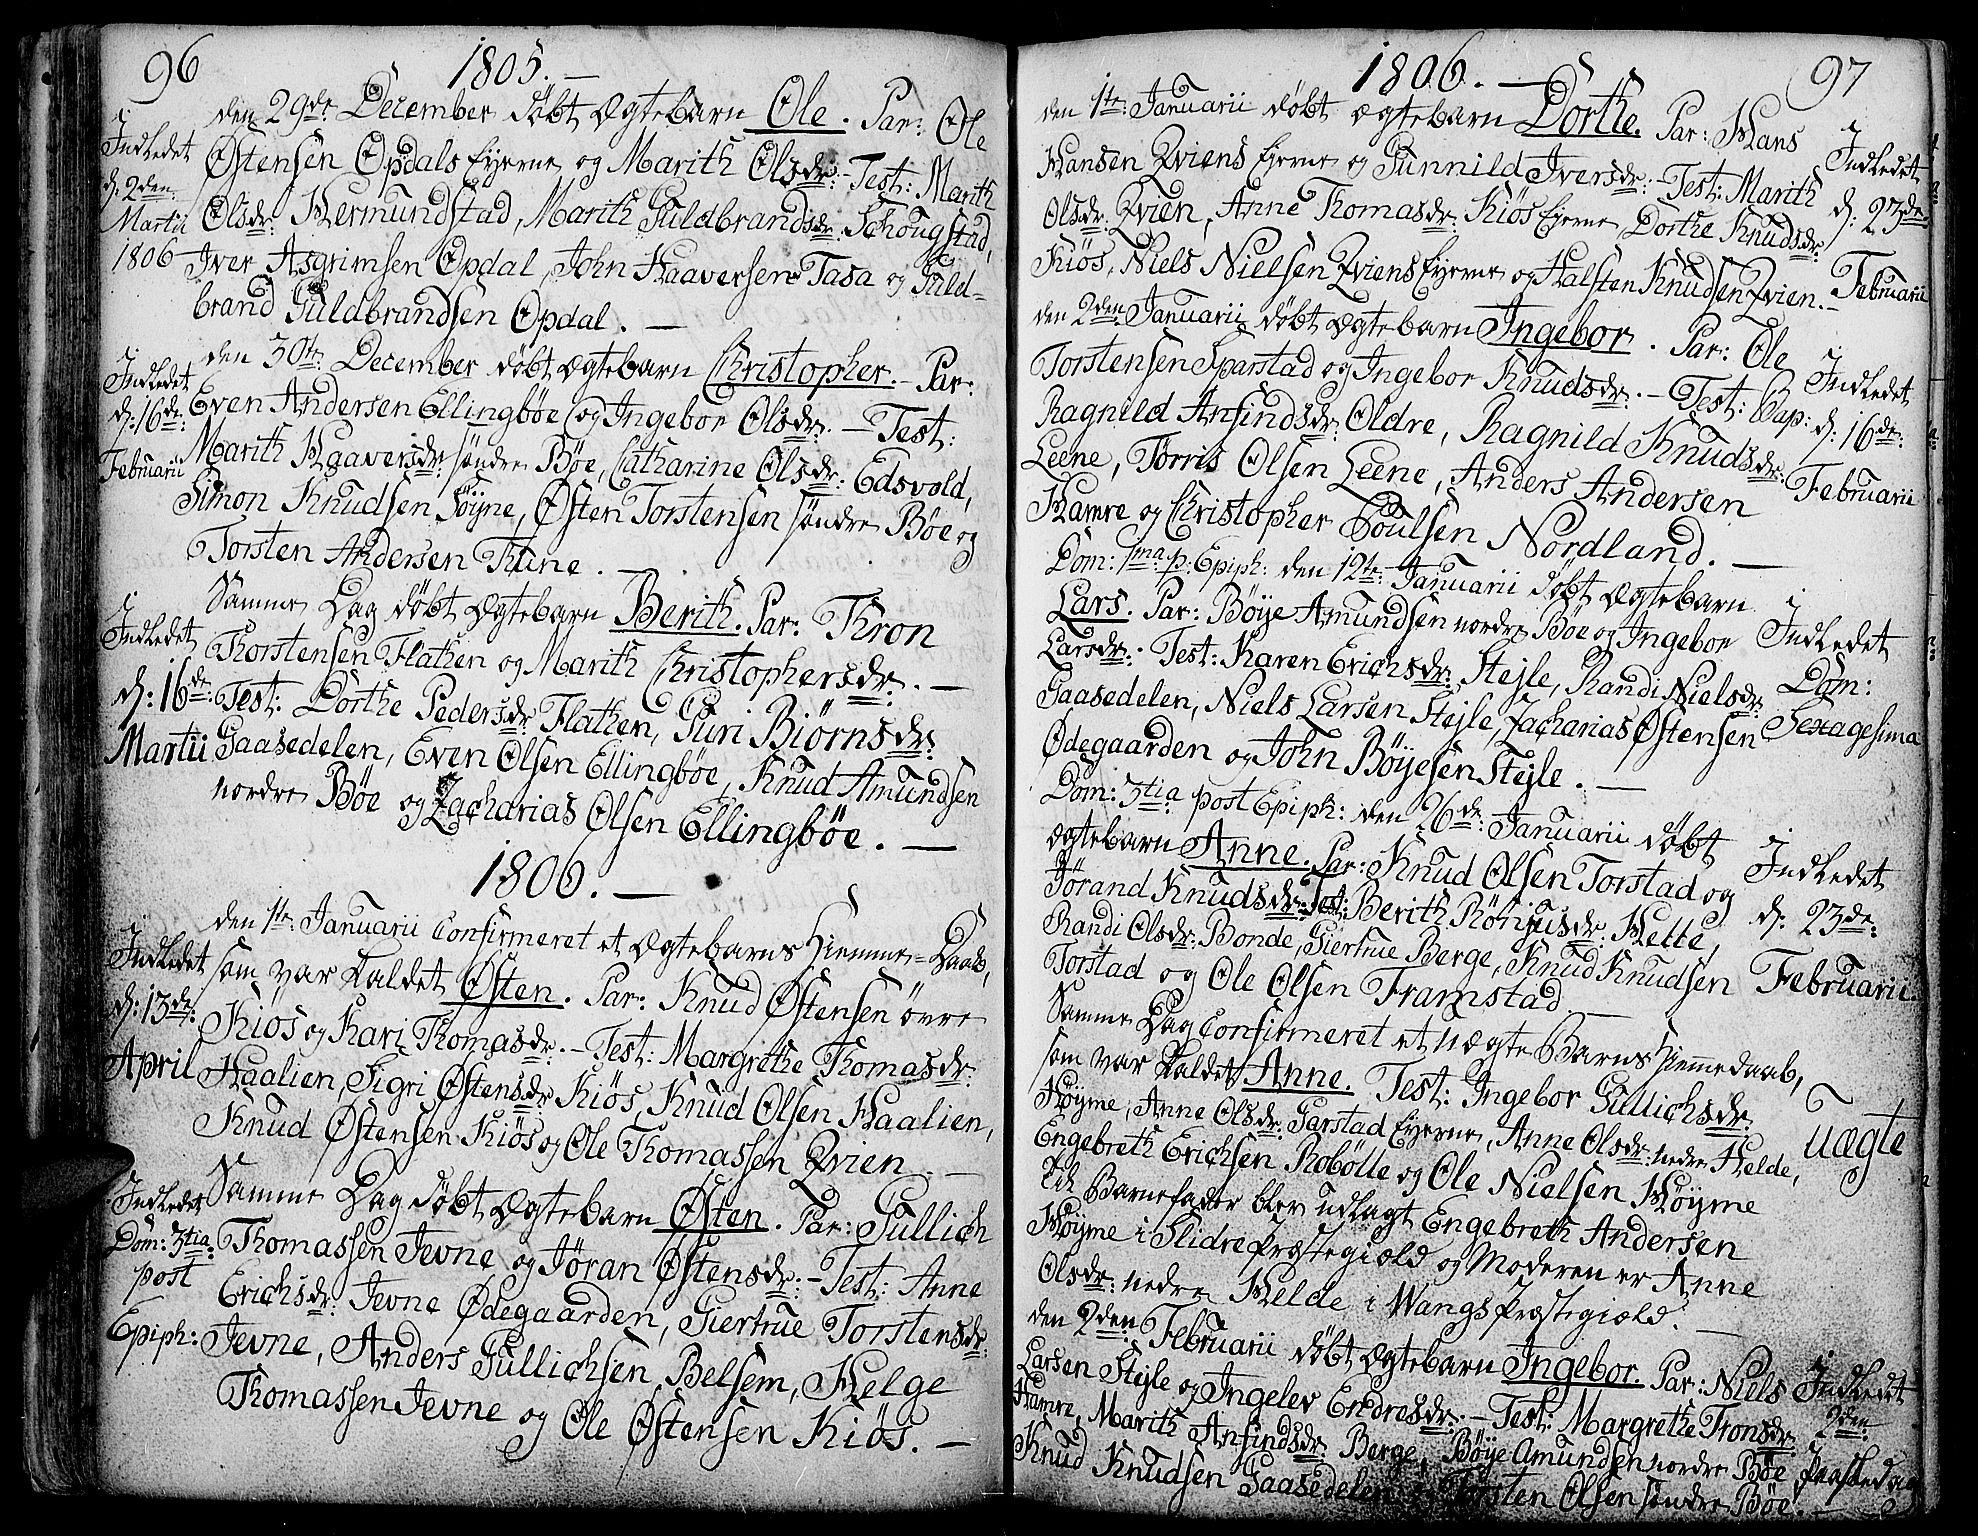 SAH, Vang prestekontor, Valdres, Ministerialbok nr. 2, 1796-1808, s. 96-97